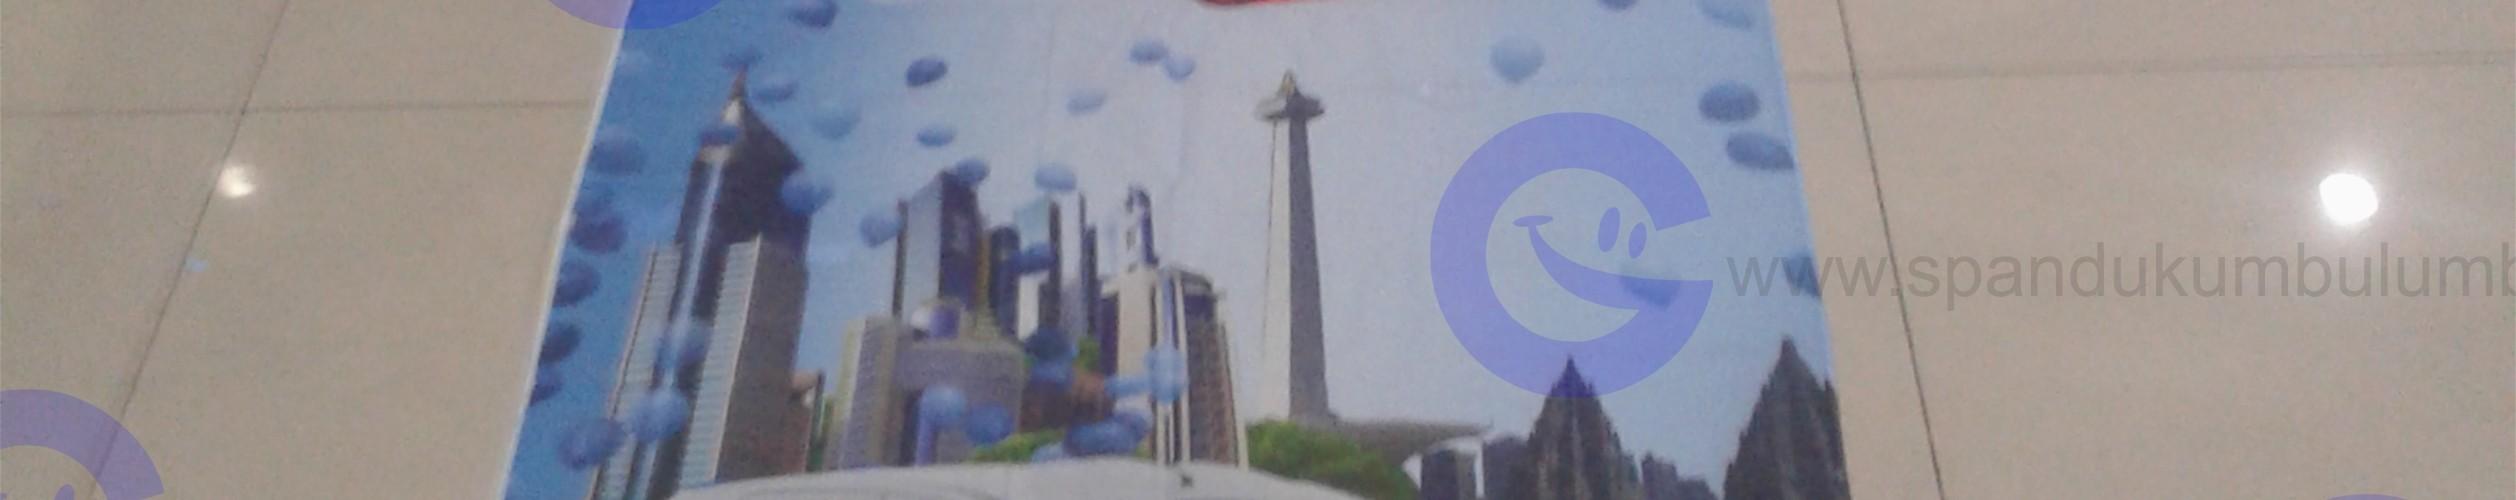 spanduk dan umbul umbul kain murah di jakarta www.spandukumbulumbulkain.com